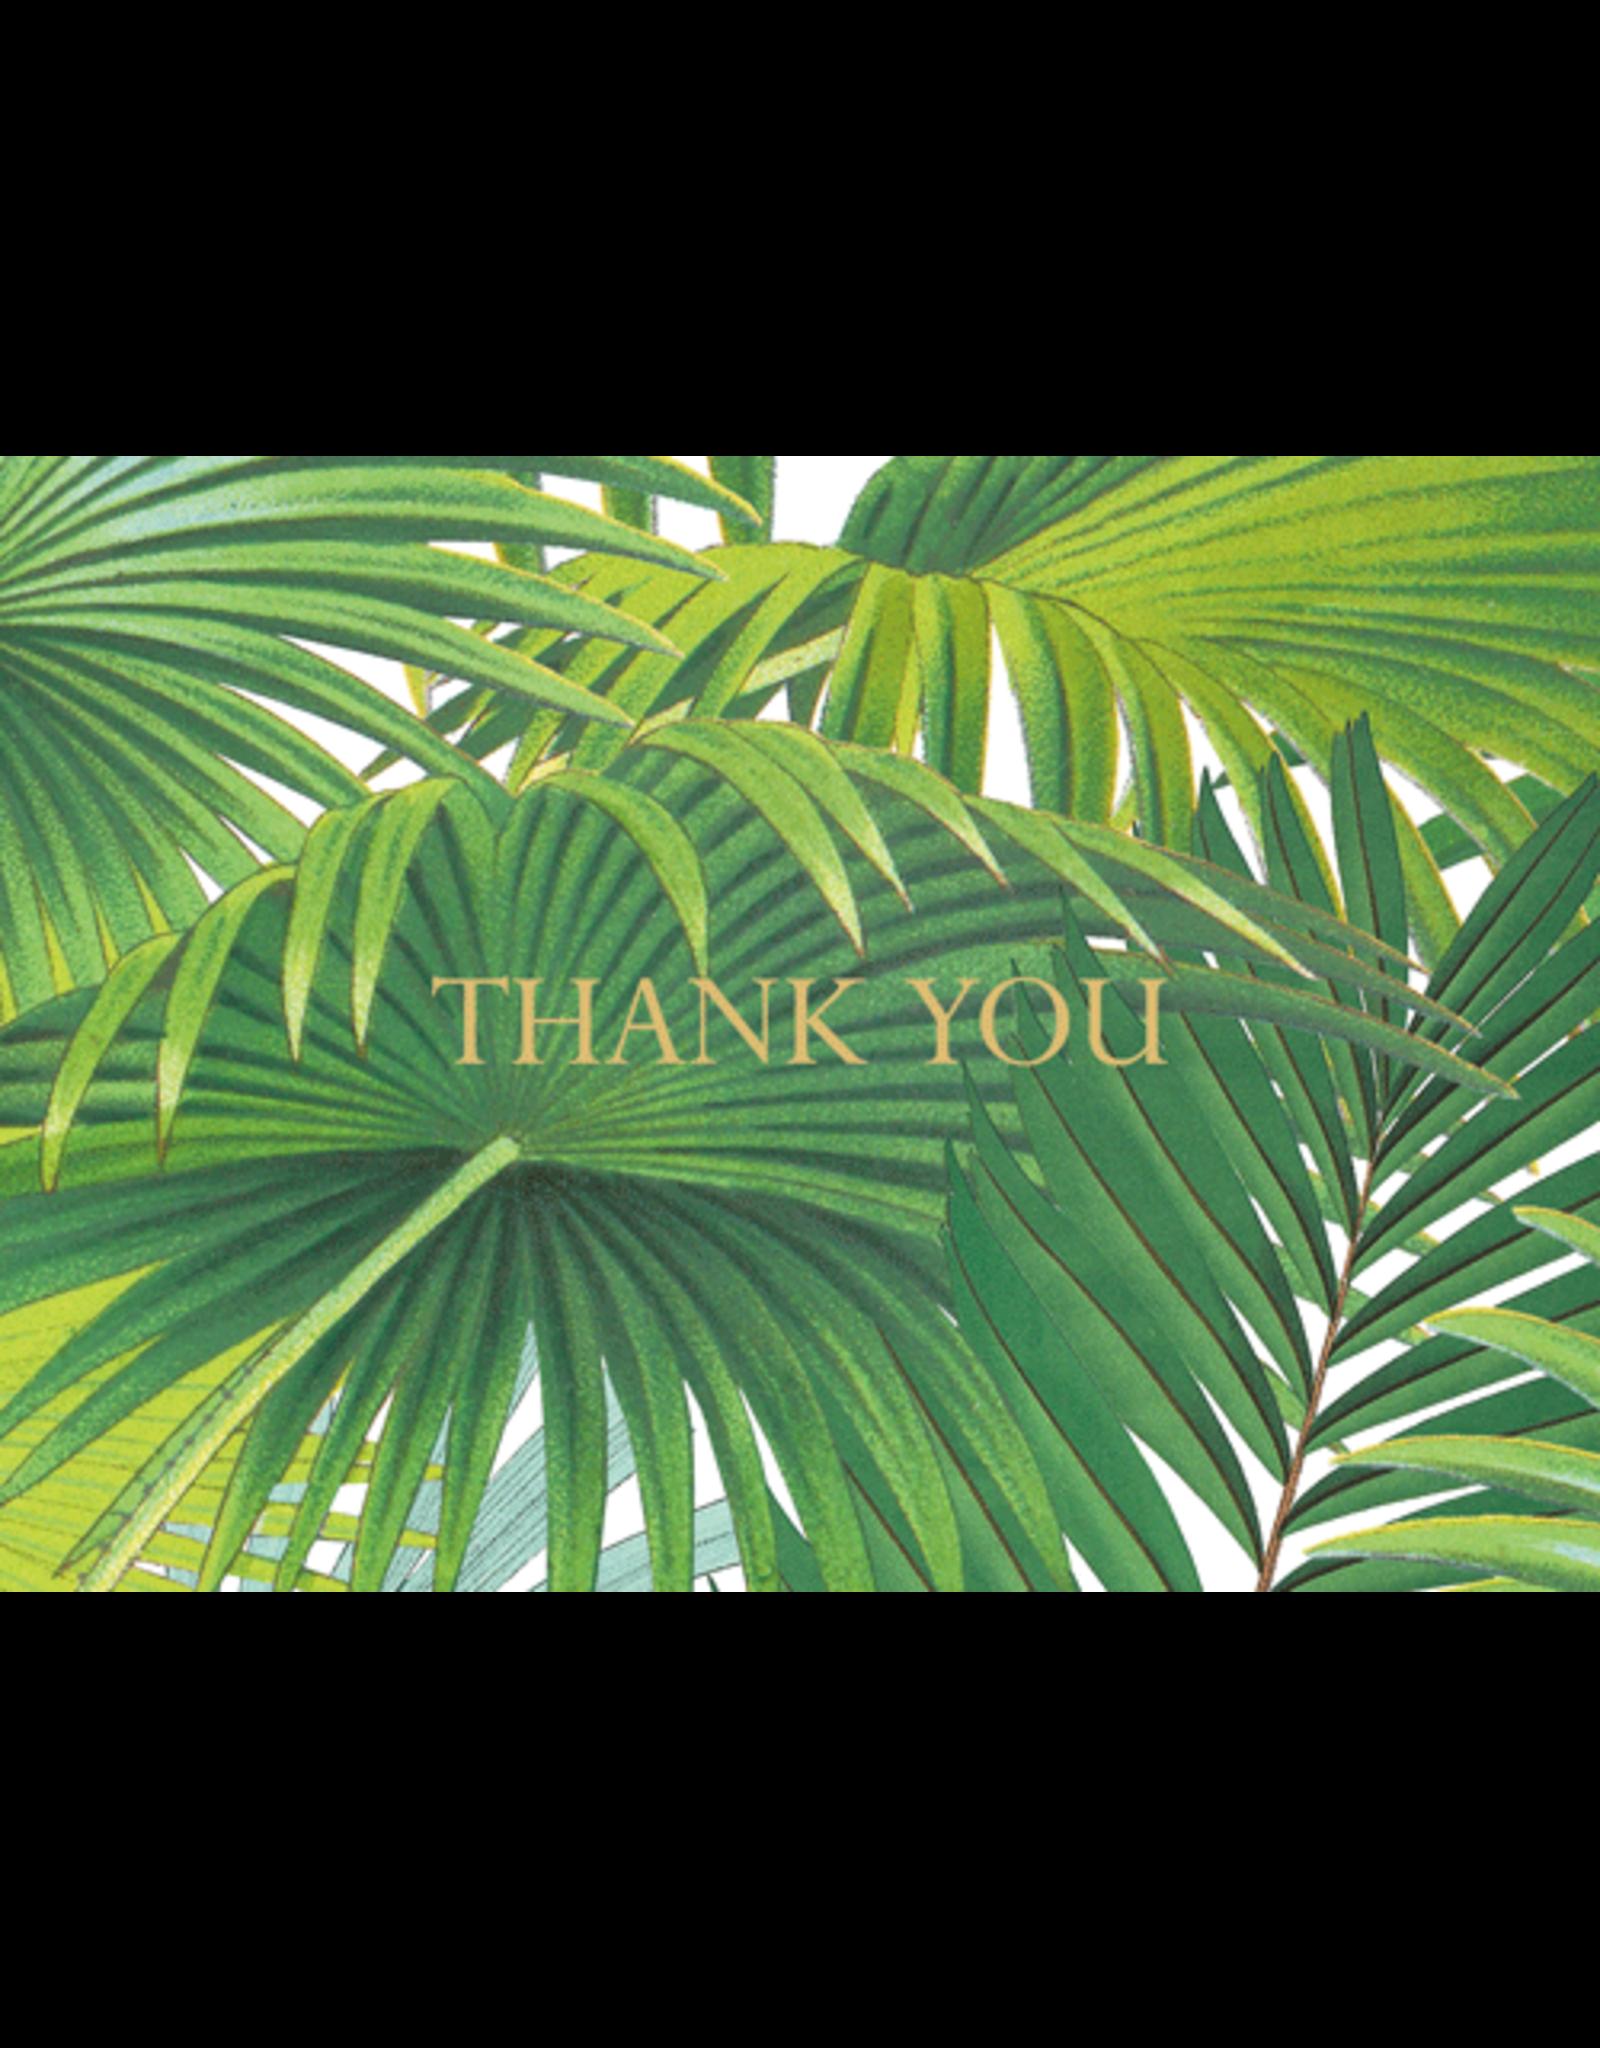 Caspari Palm Fronds Foil Thank You Note Box